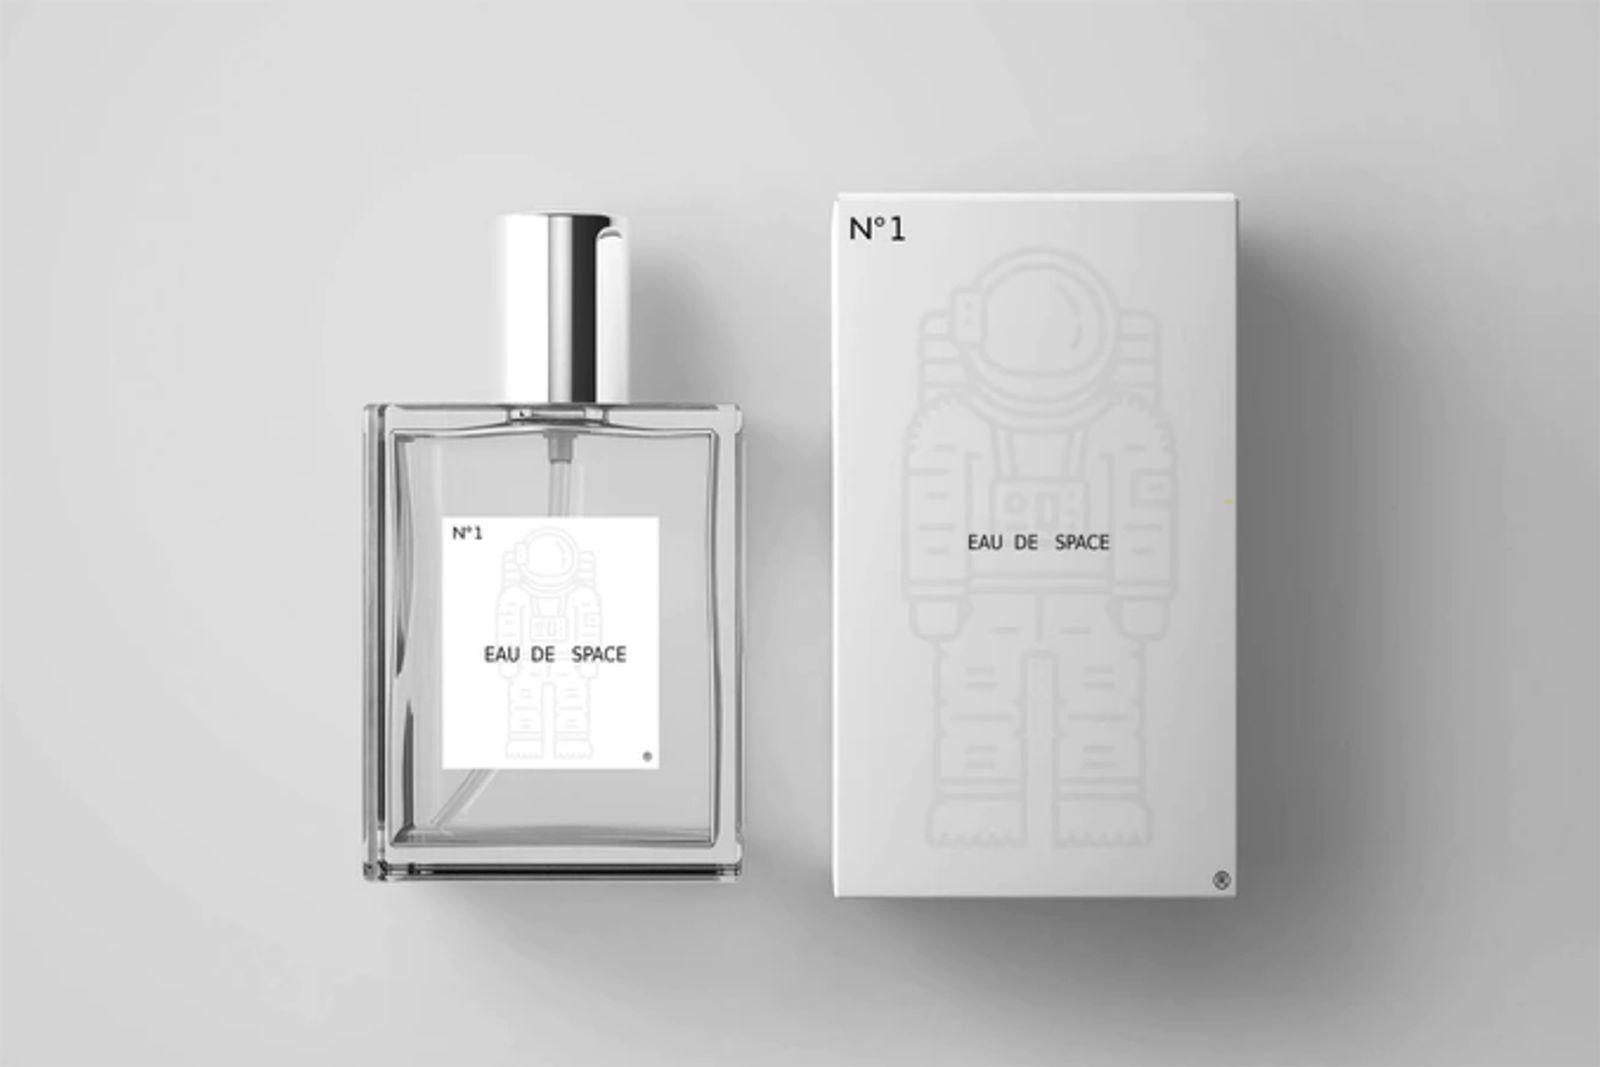 Eau de Space NASA space fragrance